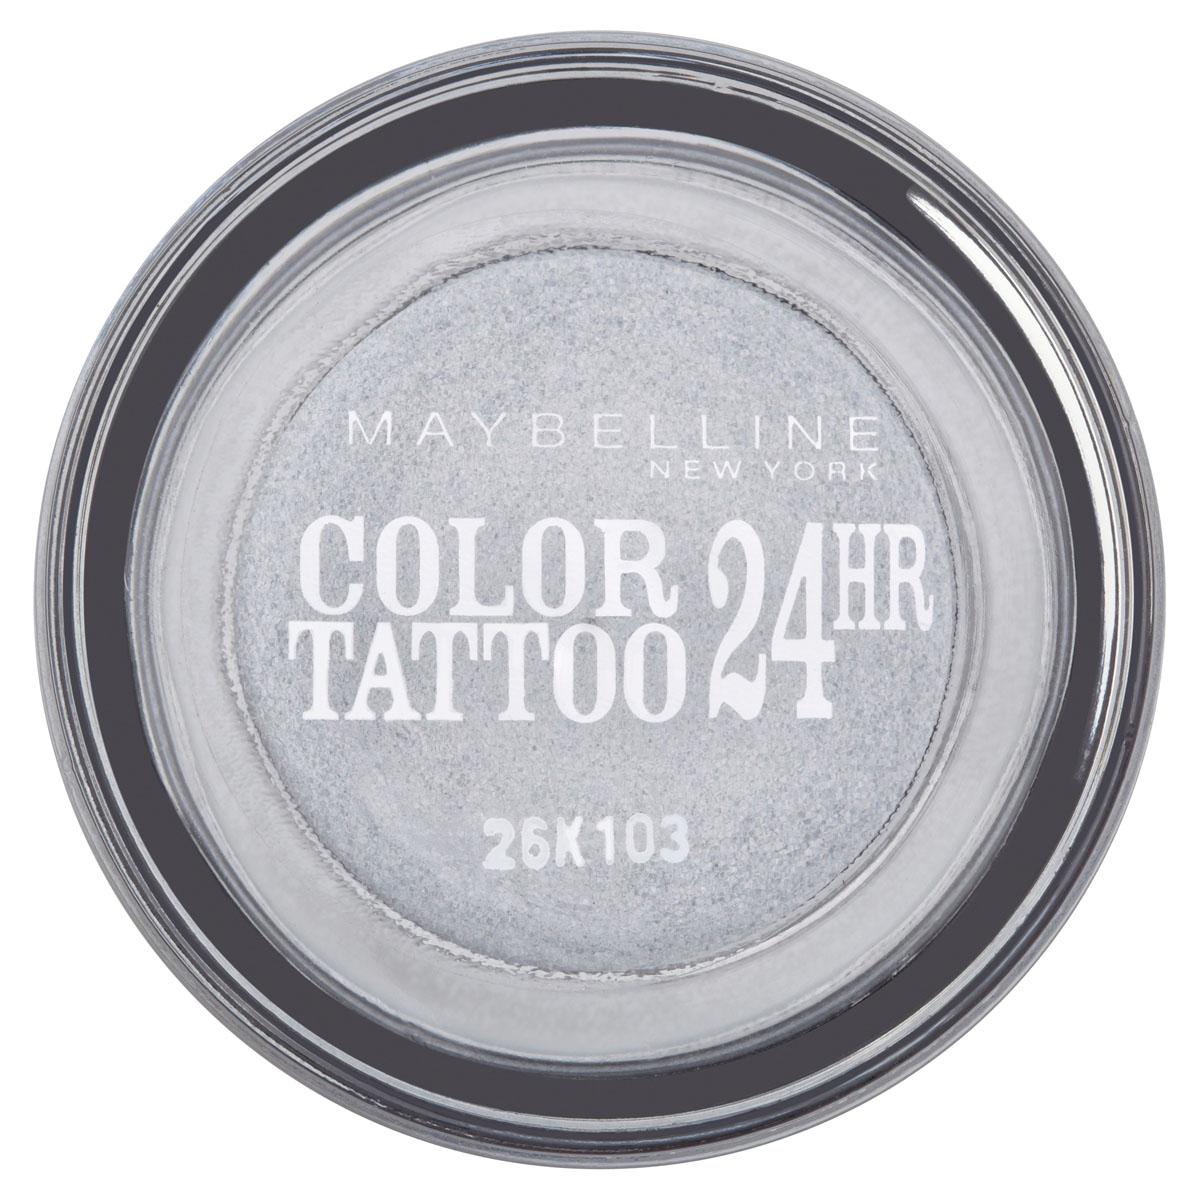 Maybelline New York Тени для век Color Tattoo 24 часа, оттенок 50, Неизменное серебро, 4 млB1949900Технология тату-пигментов создает яркий, супернасыщенный цвет. Крем-гелевая текстура обеспечивает ультралегкое нанесение и стойкость на 24 часа.12 оттенков